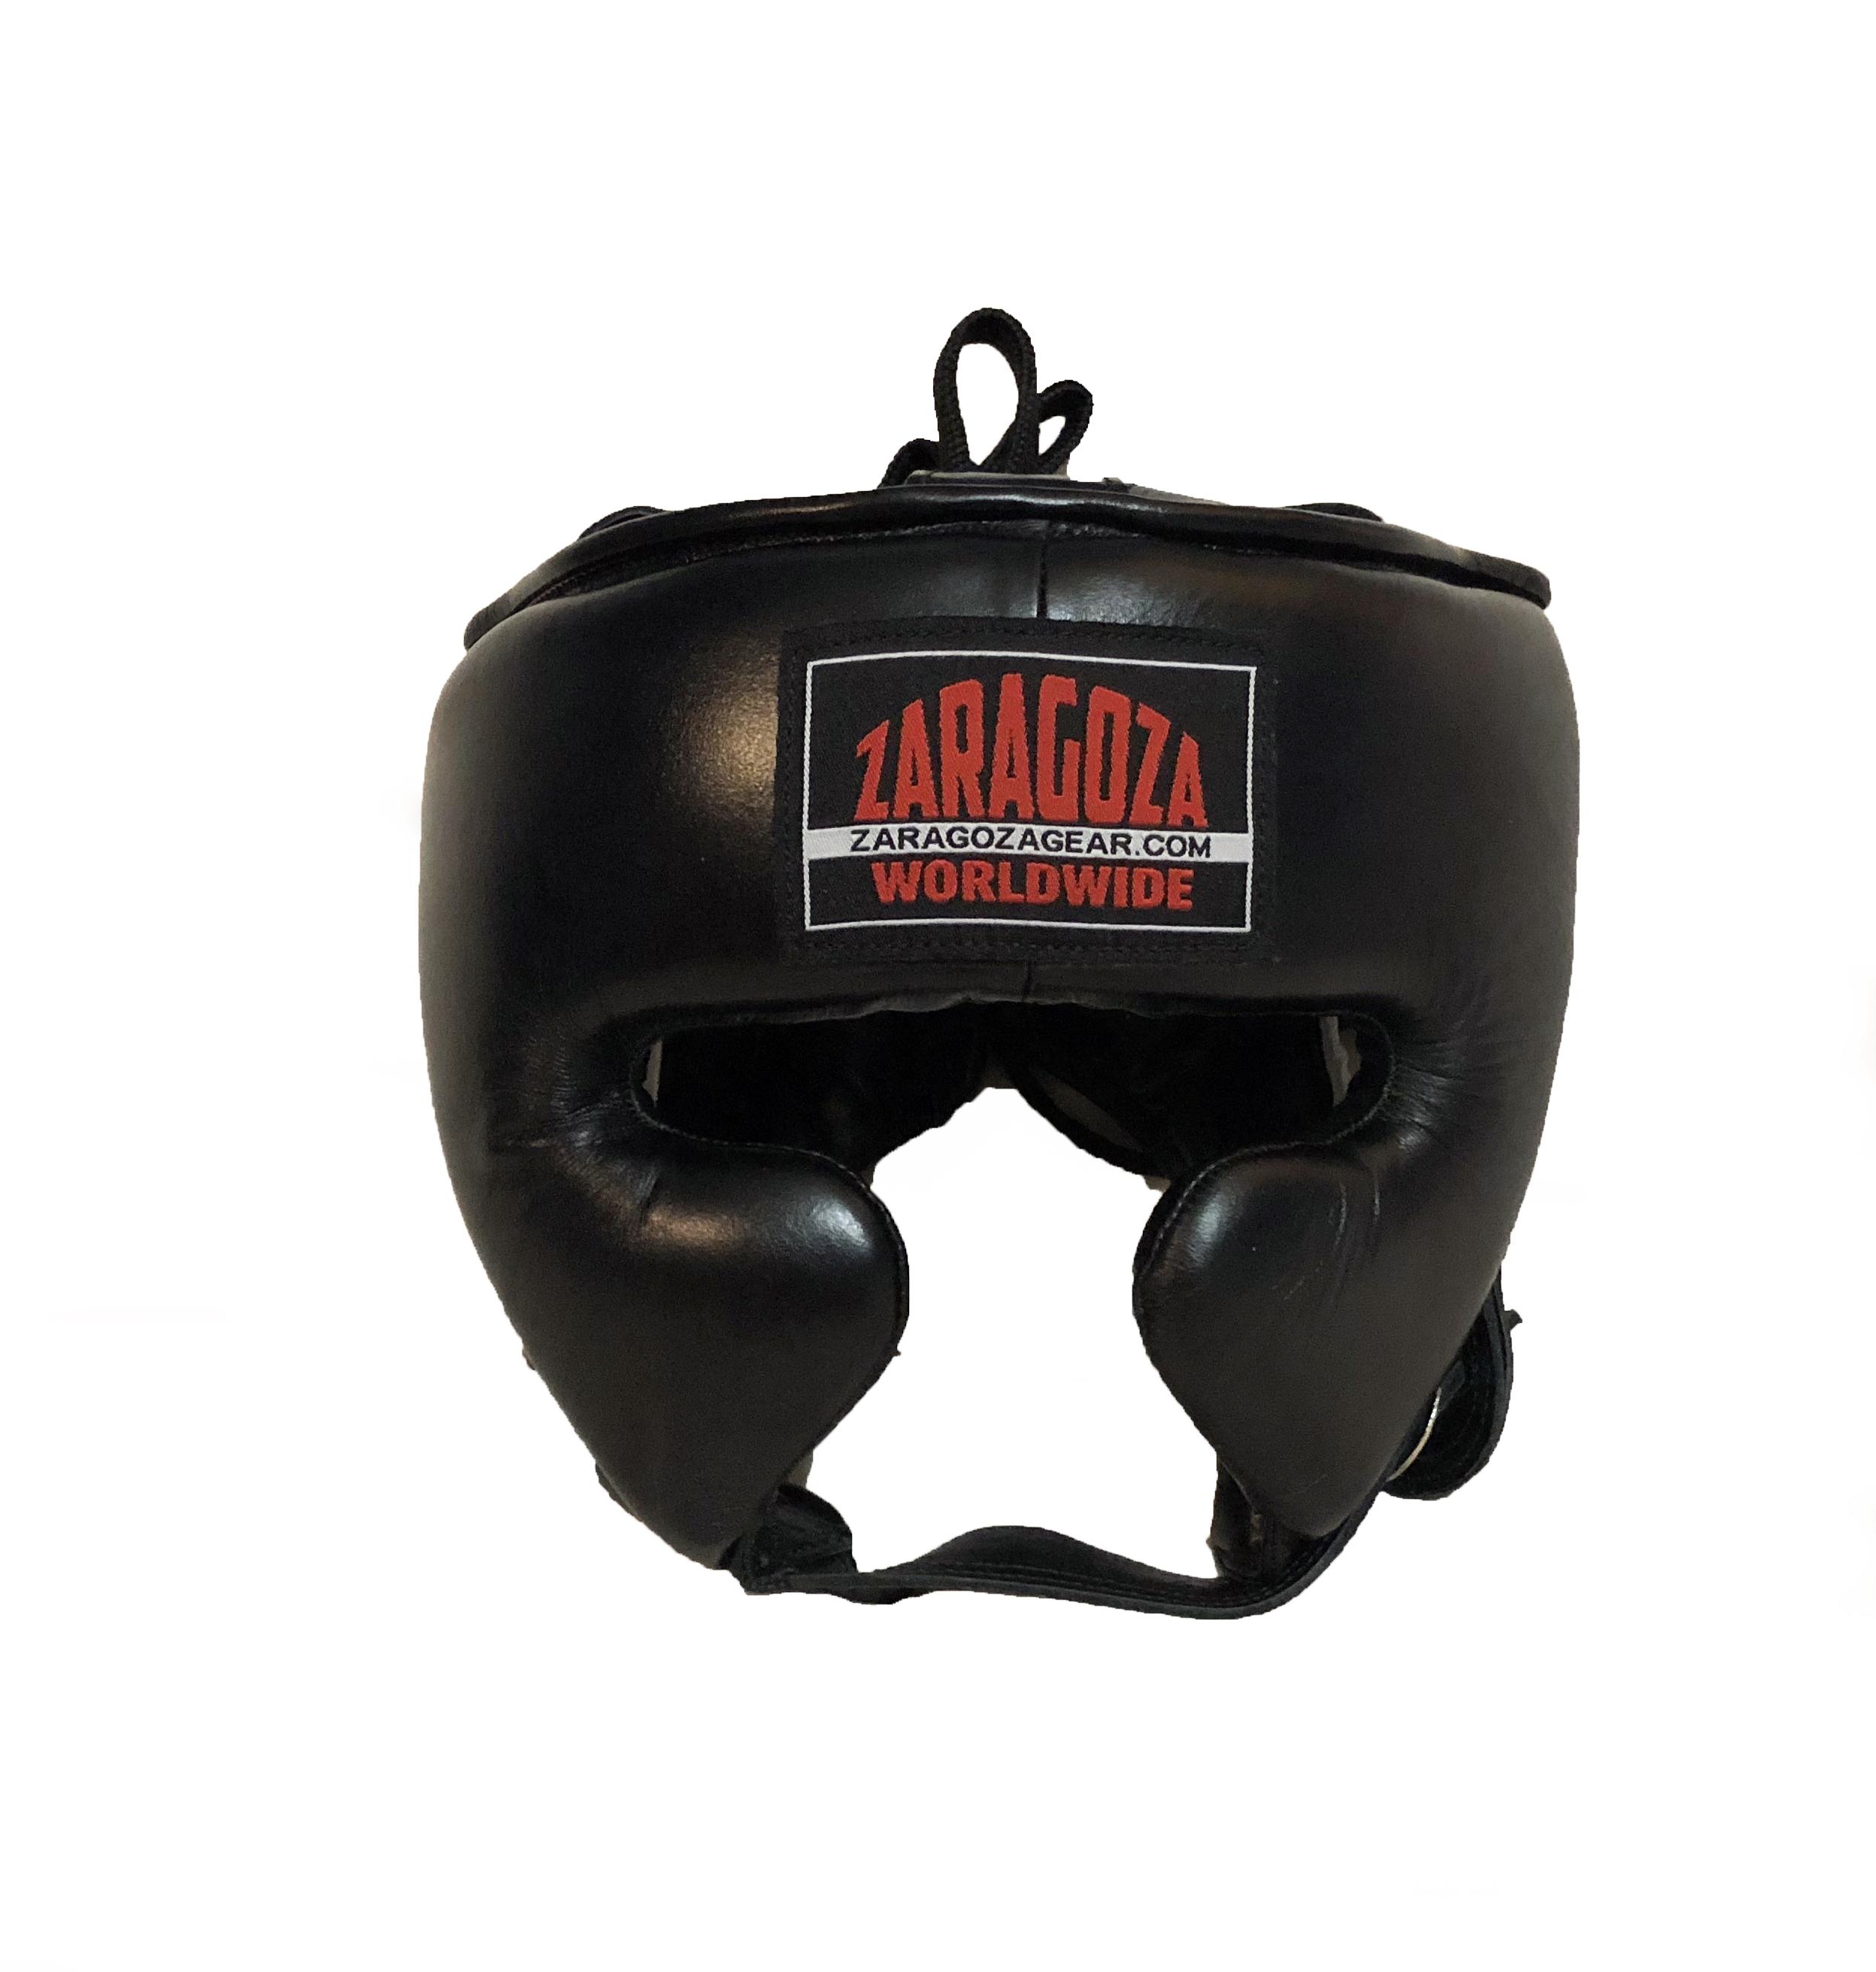 Worldwide Headgear $74.99